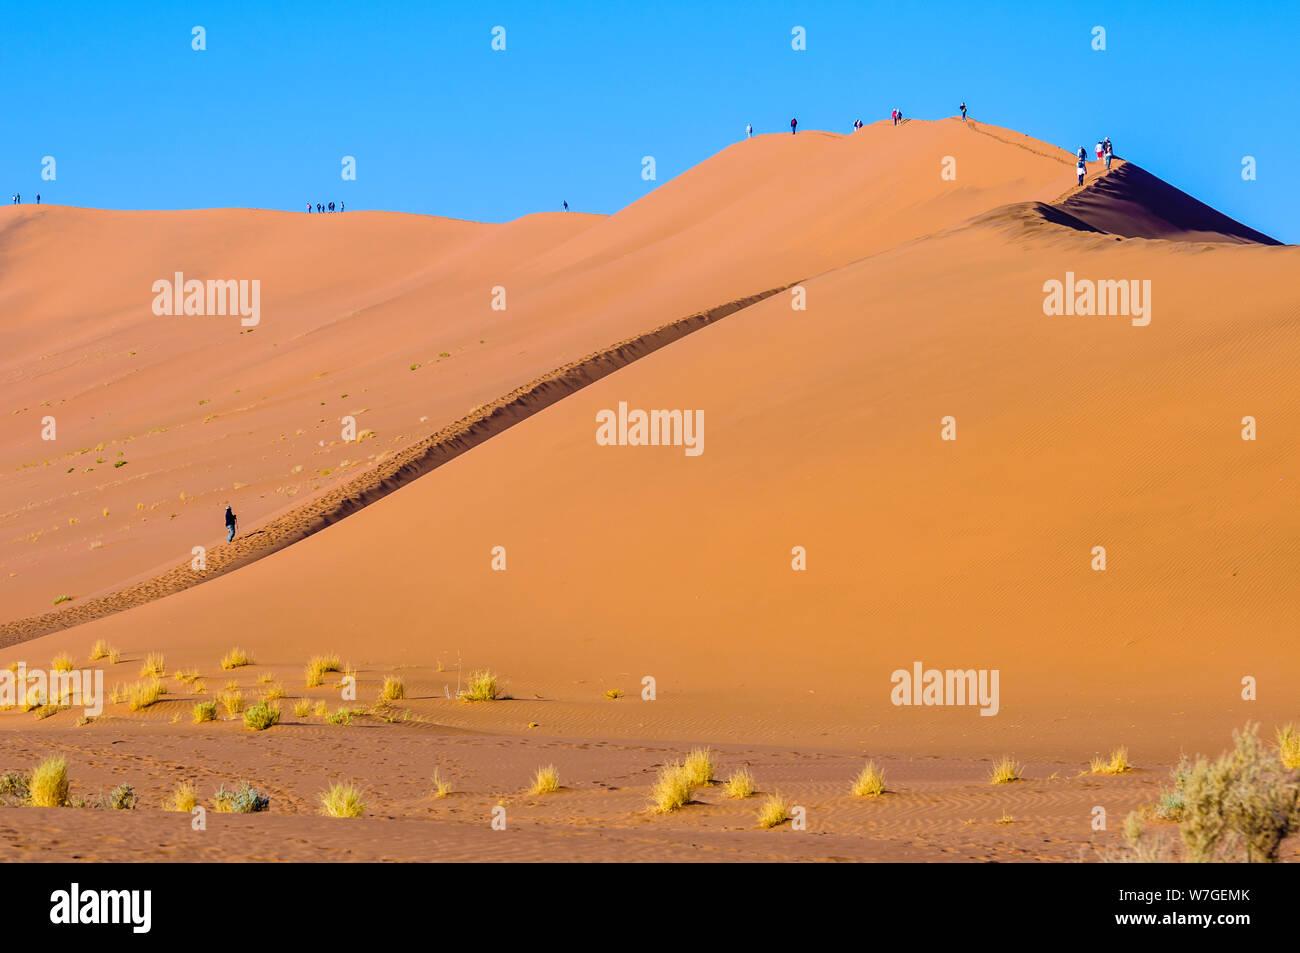 Camelthorn trees in Deadvlei, Sossusvlei, Namib Desert, Namibia Stock Photo